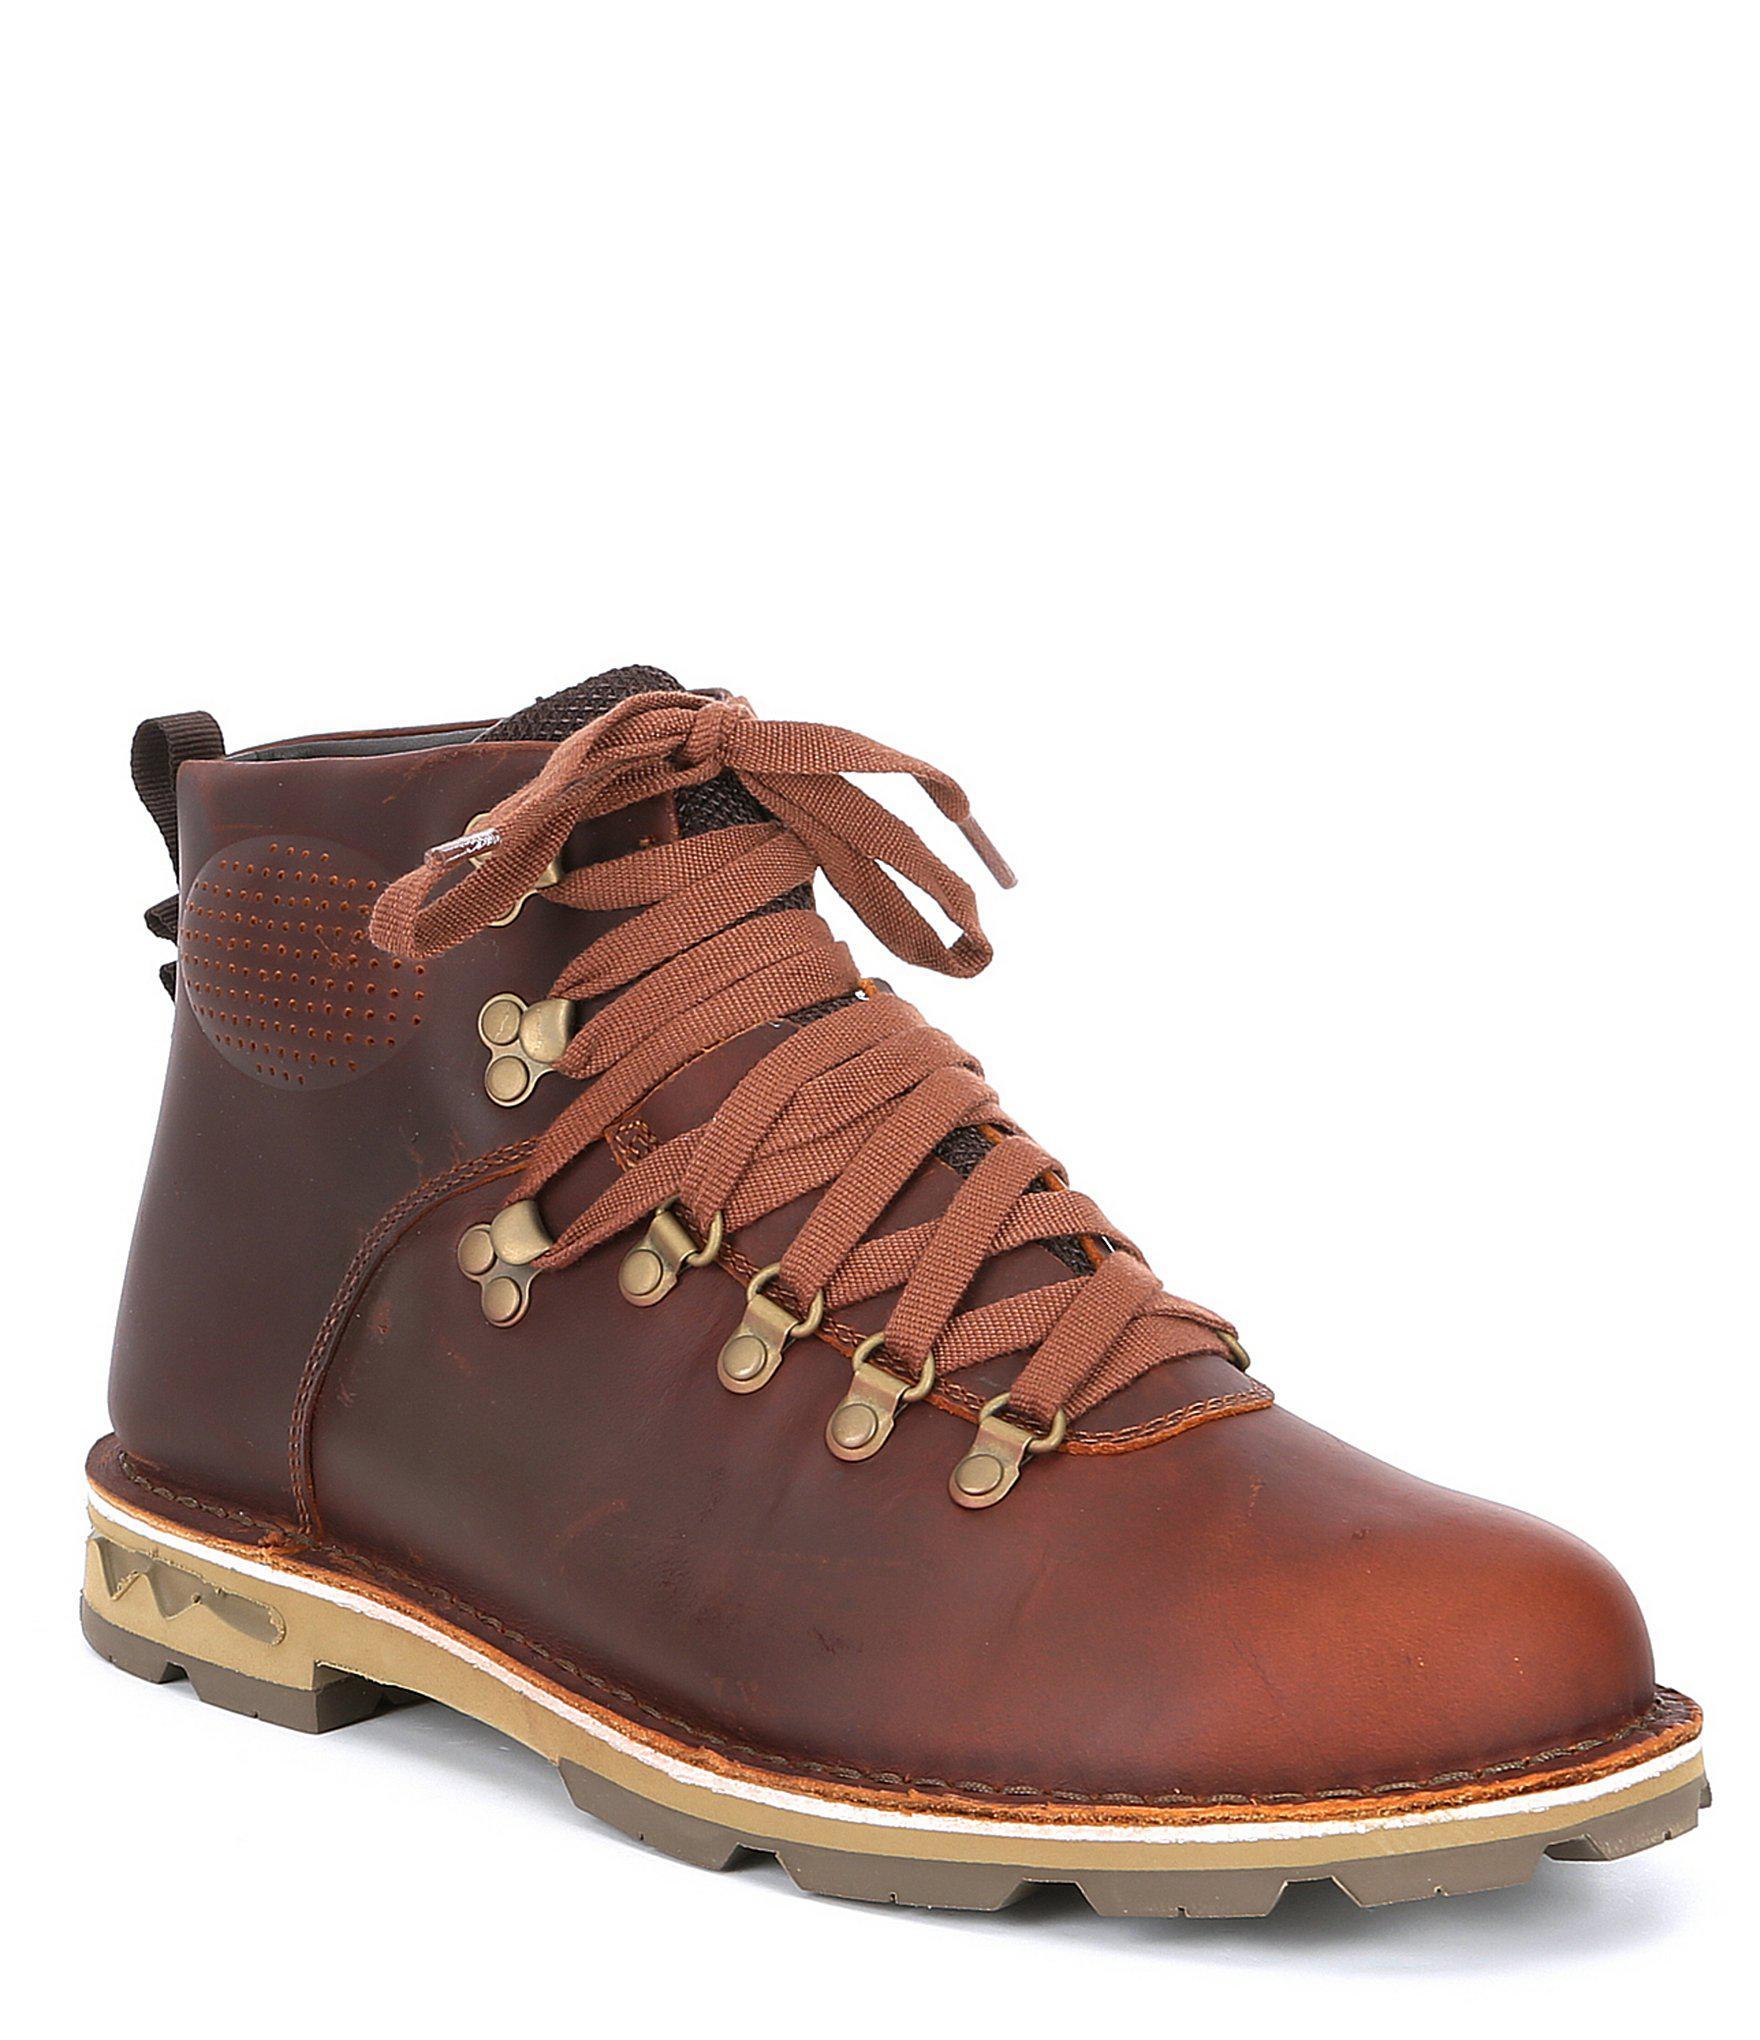 6c694f4cca3 Brown Men's Sugarbush Braden Mid Leather Waterproof Boot